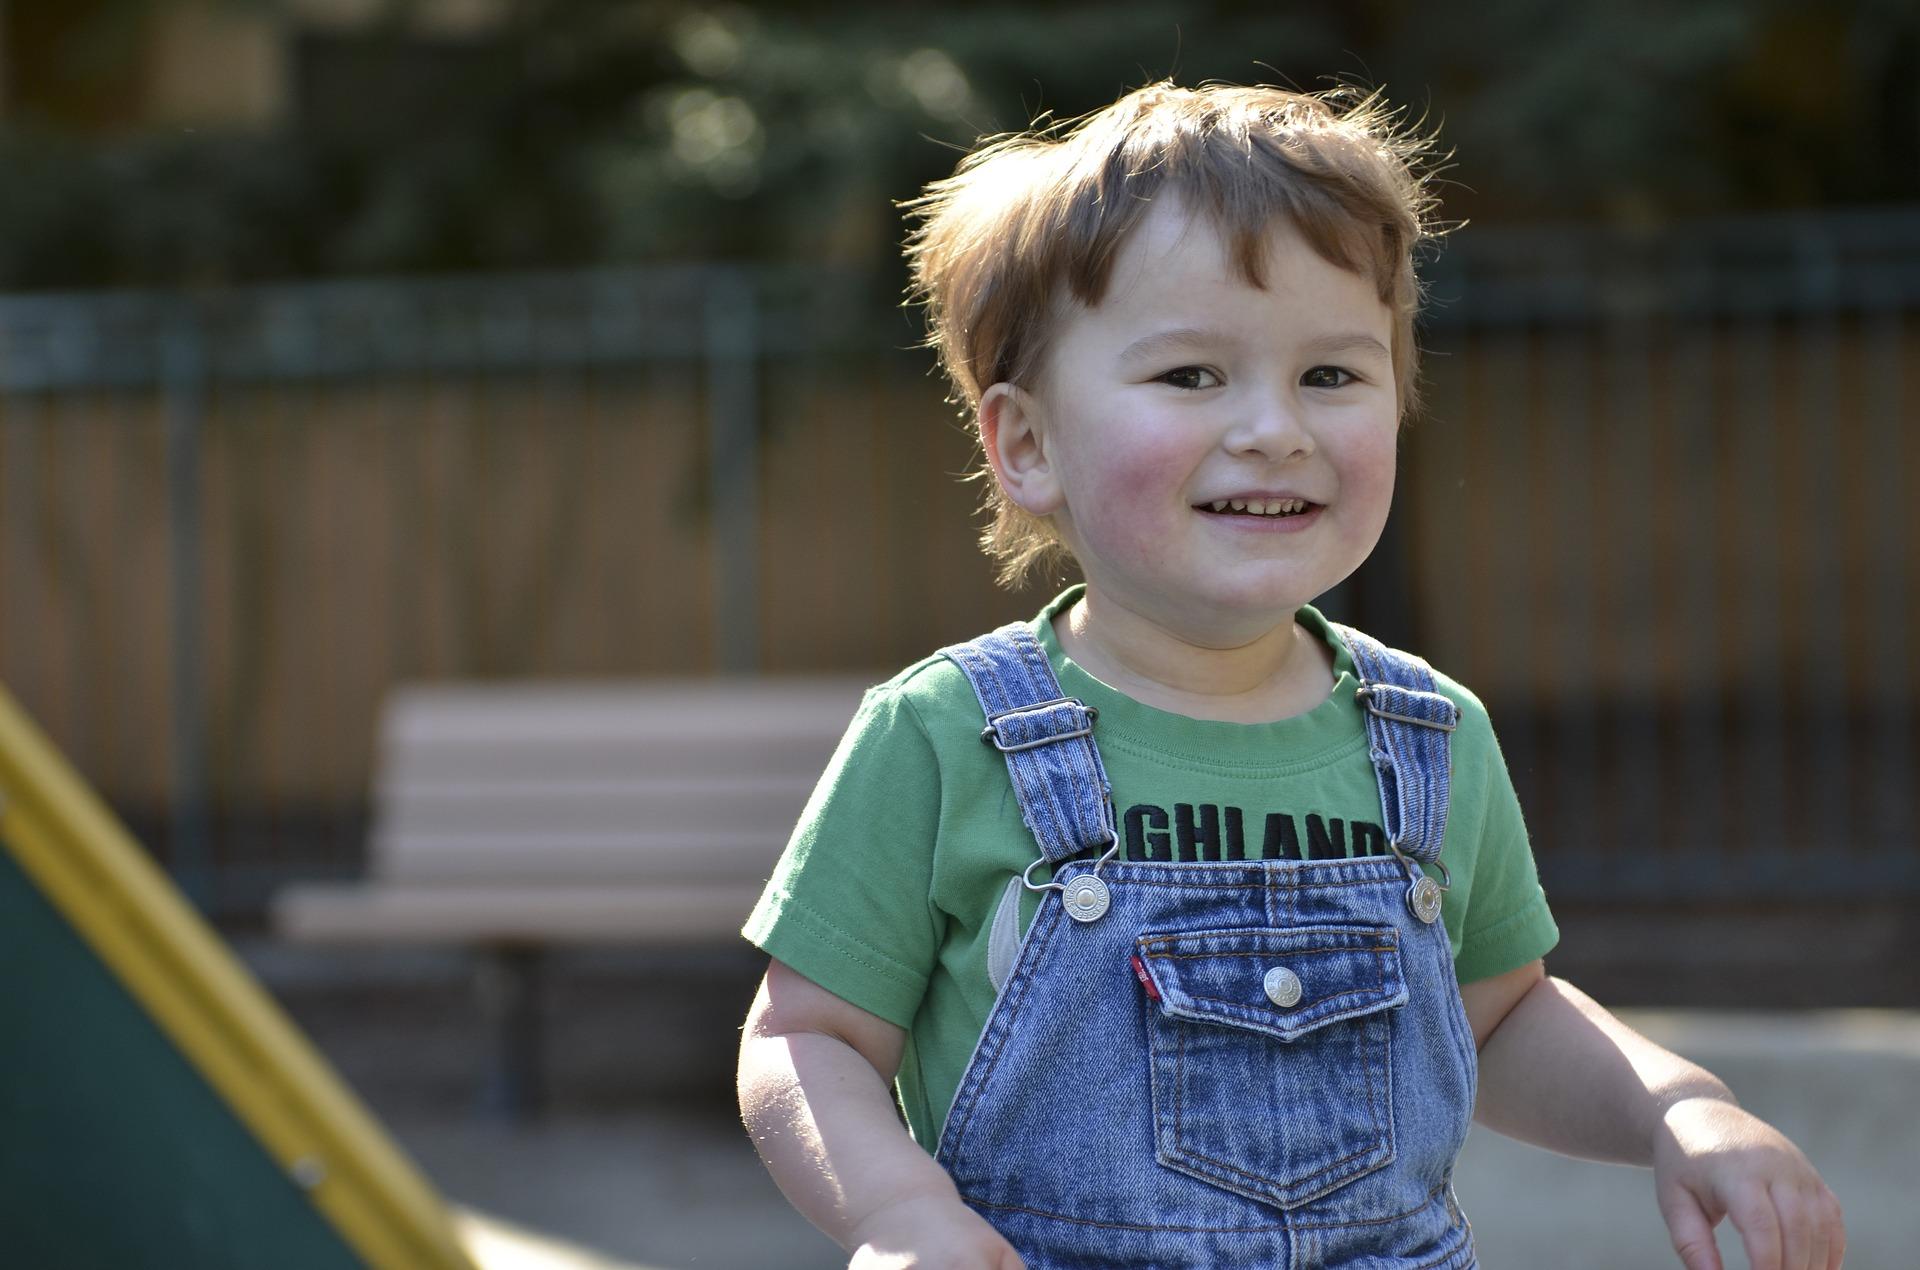 Daripada Kanak-kanak Autisme kepada Genius